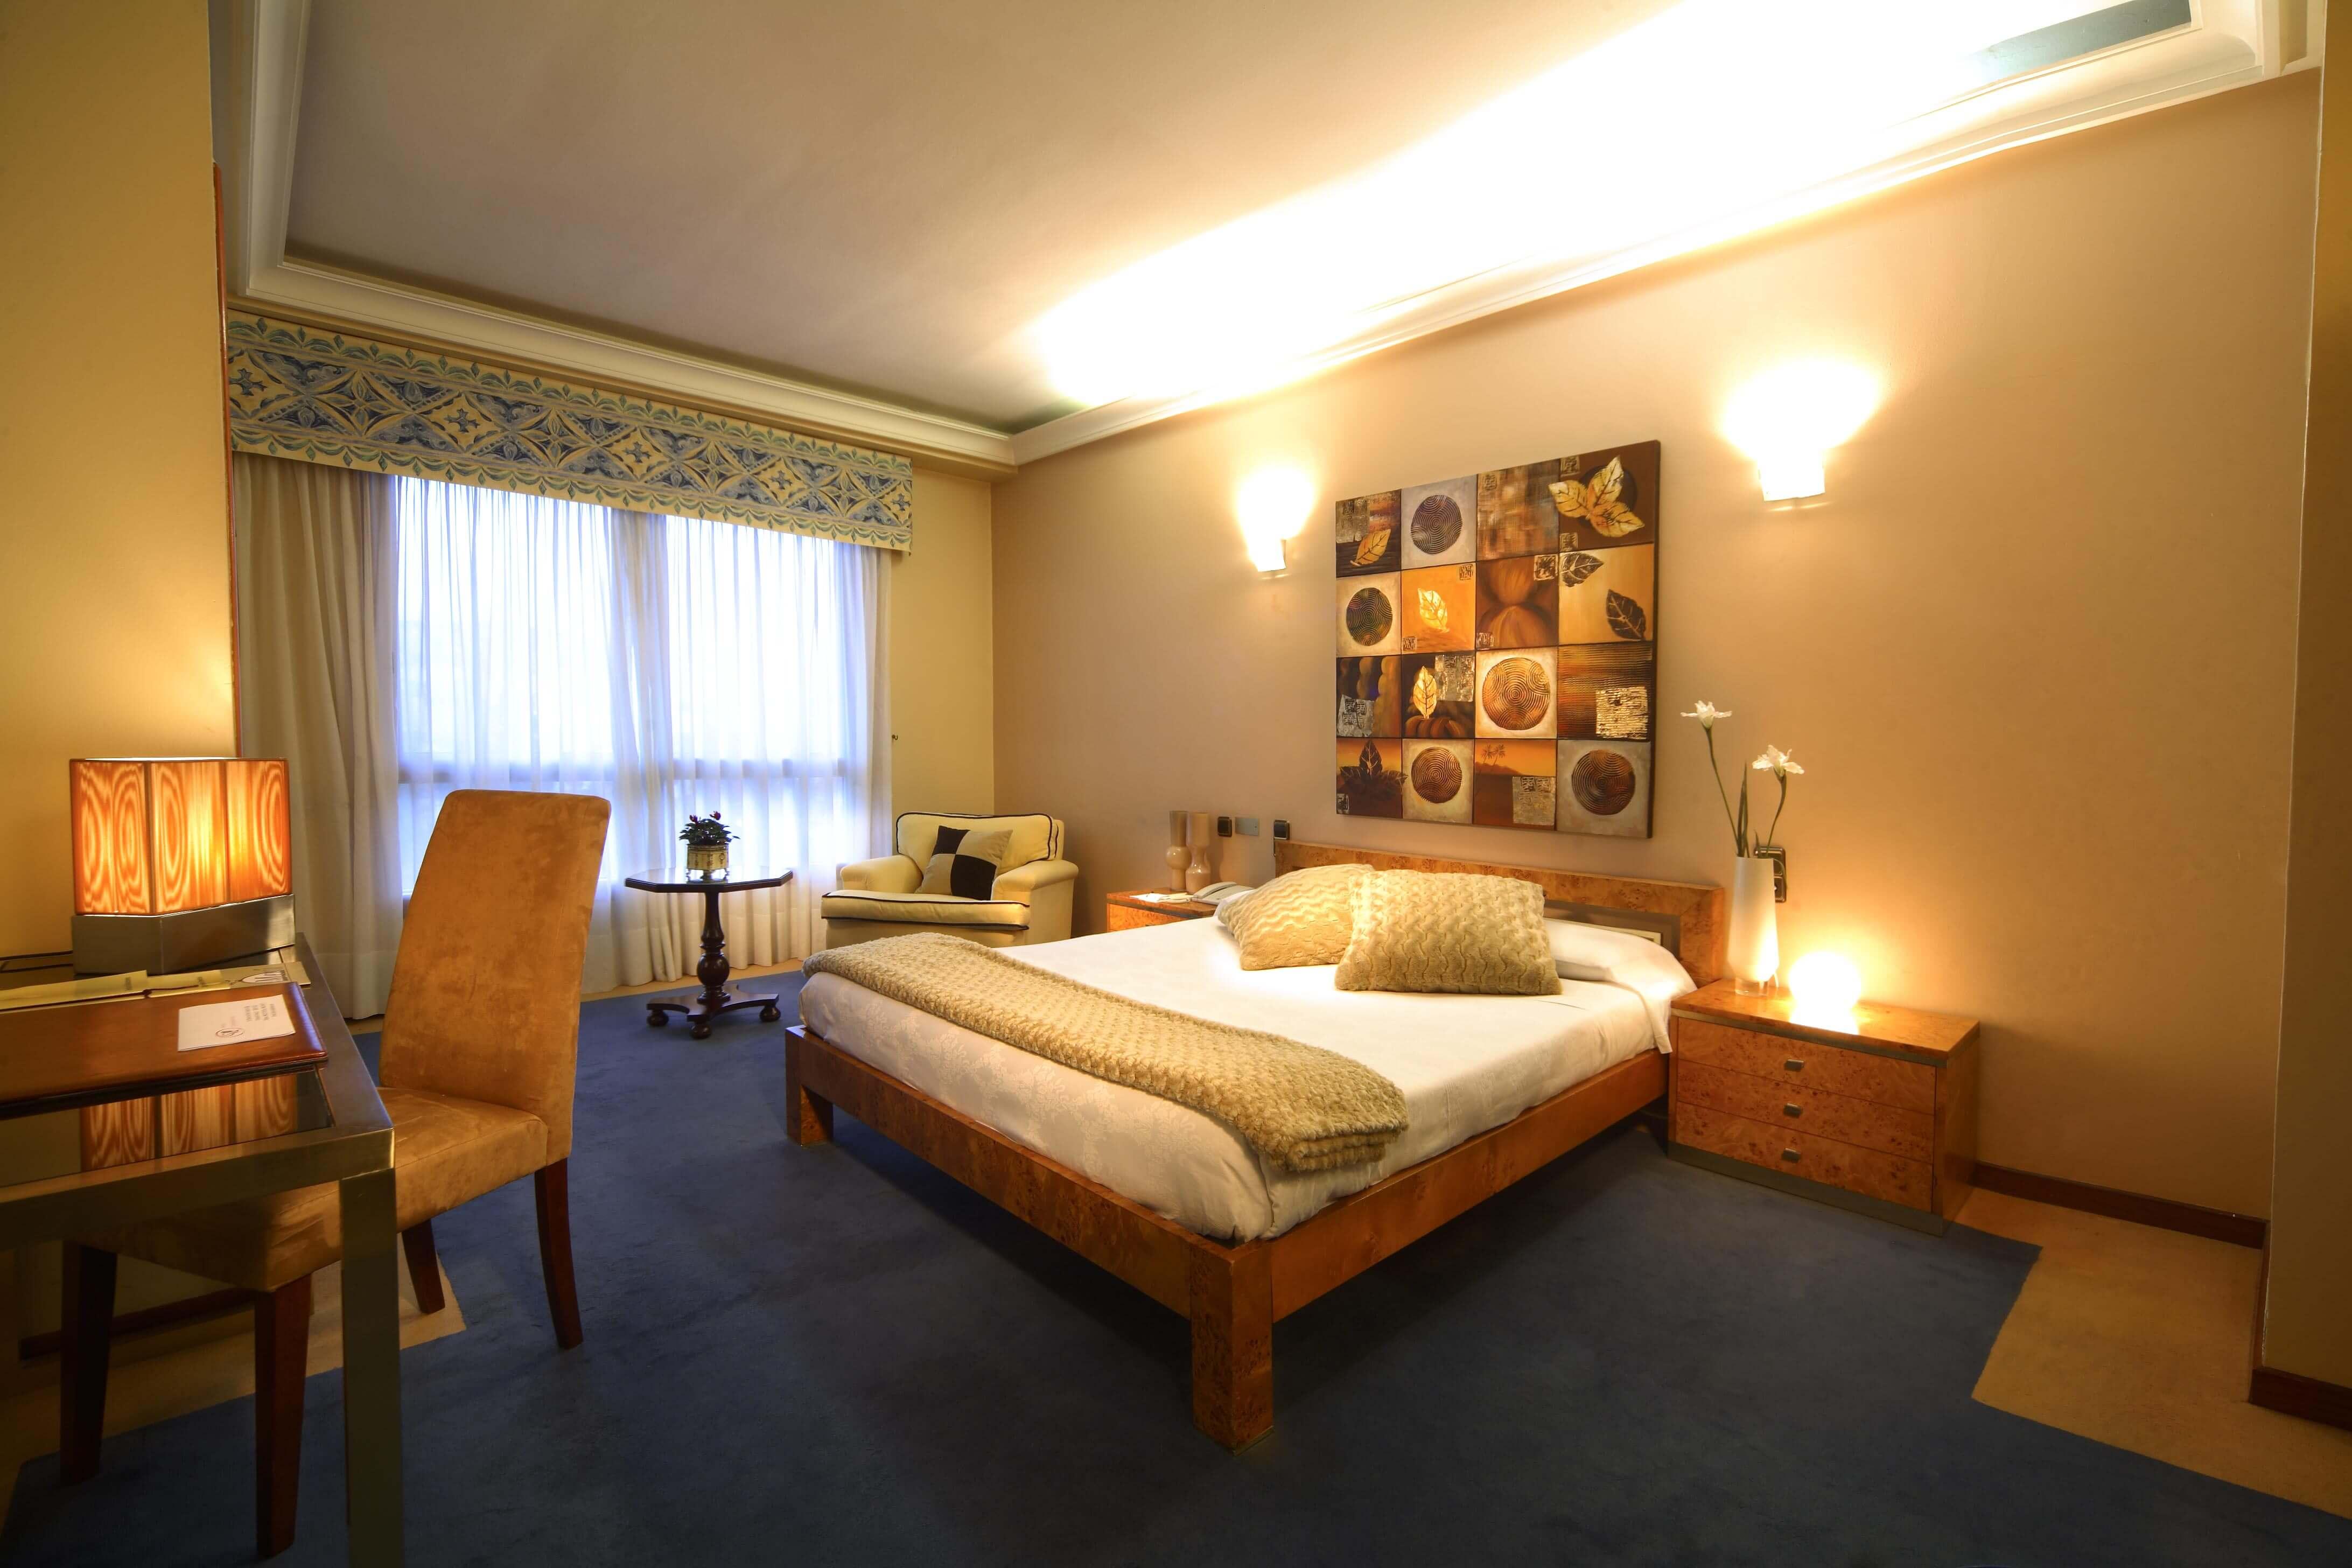 Hotel Axis em Vigo - quarto